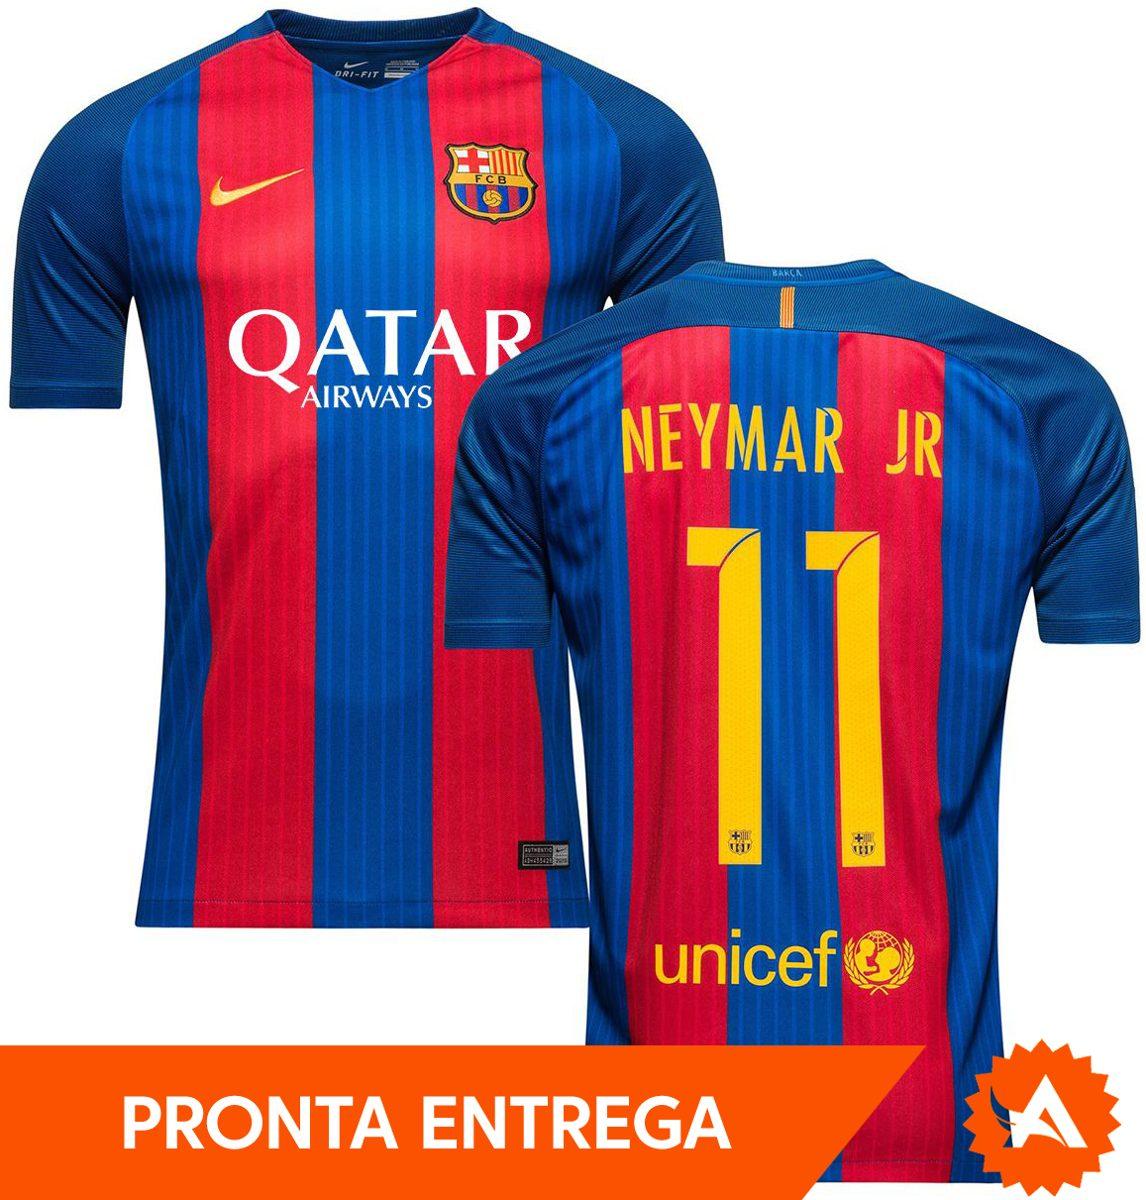 camisa barcelona nike home 2017 nº11 neymar jr modelo jogado. Carregando  zoom. 17c9f7070ad3c